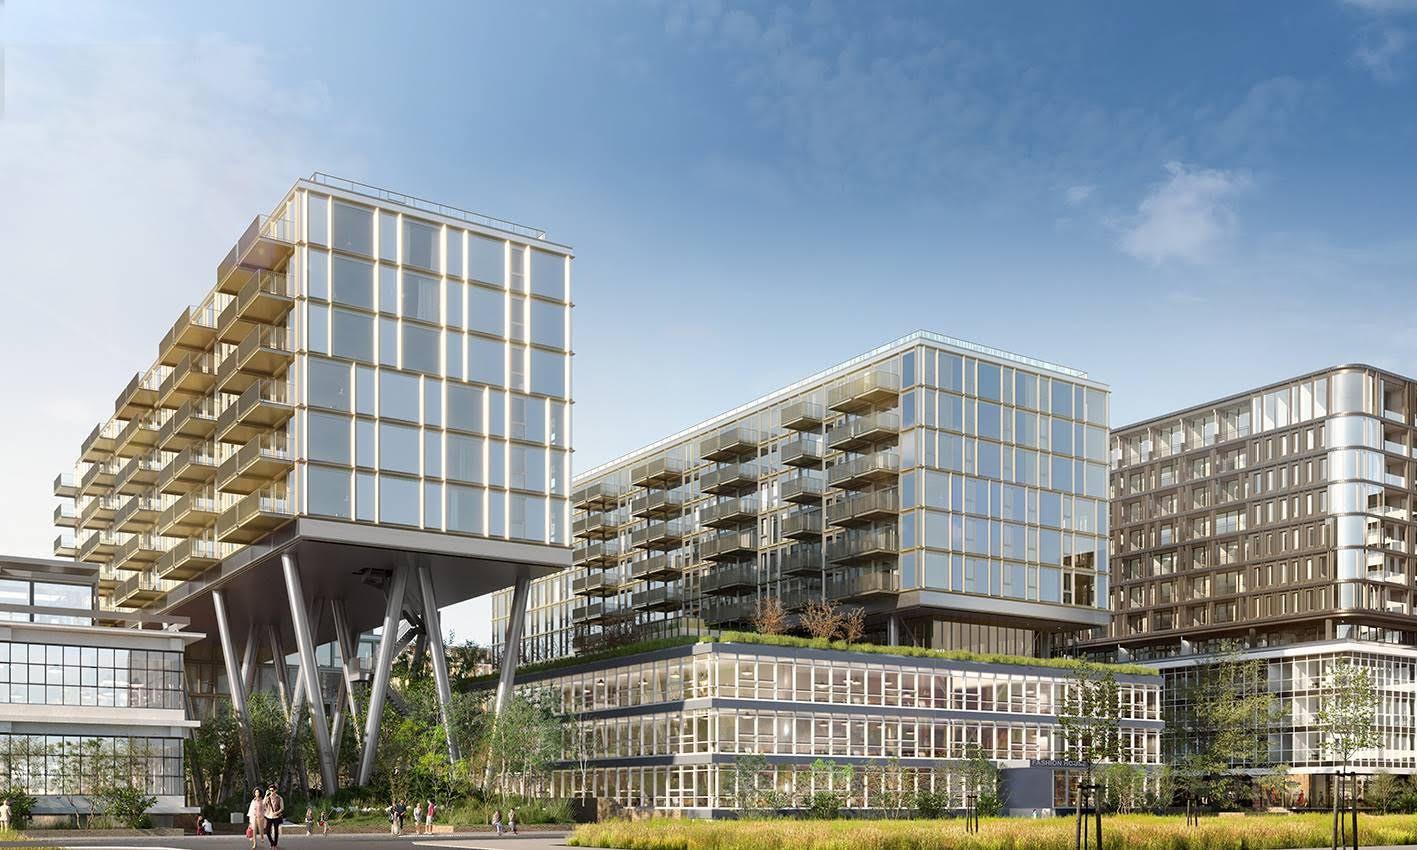 KCAP a créé le complexe OKU dans le quartier de la Maison de la Mode à l'Ouest d'Amsterdam modernité et écologie se côtoient